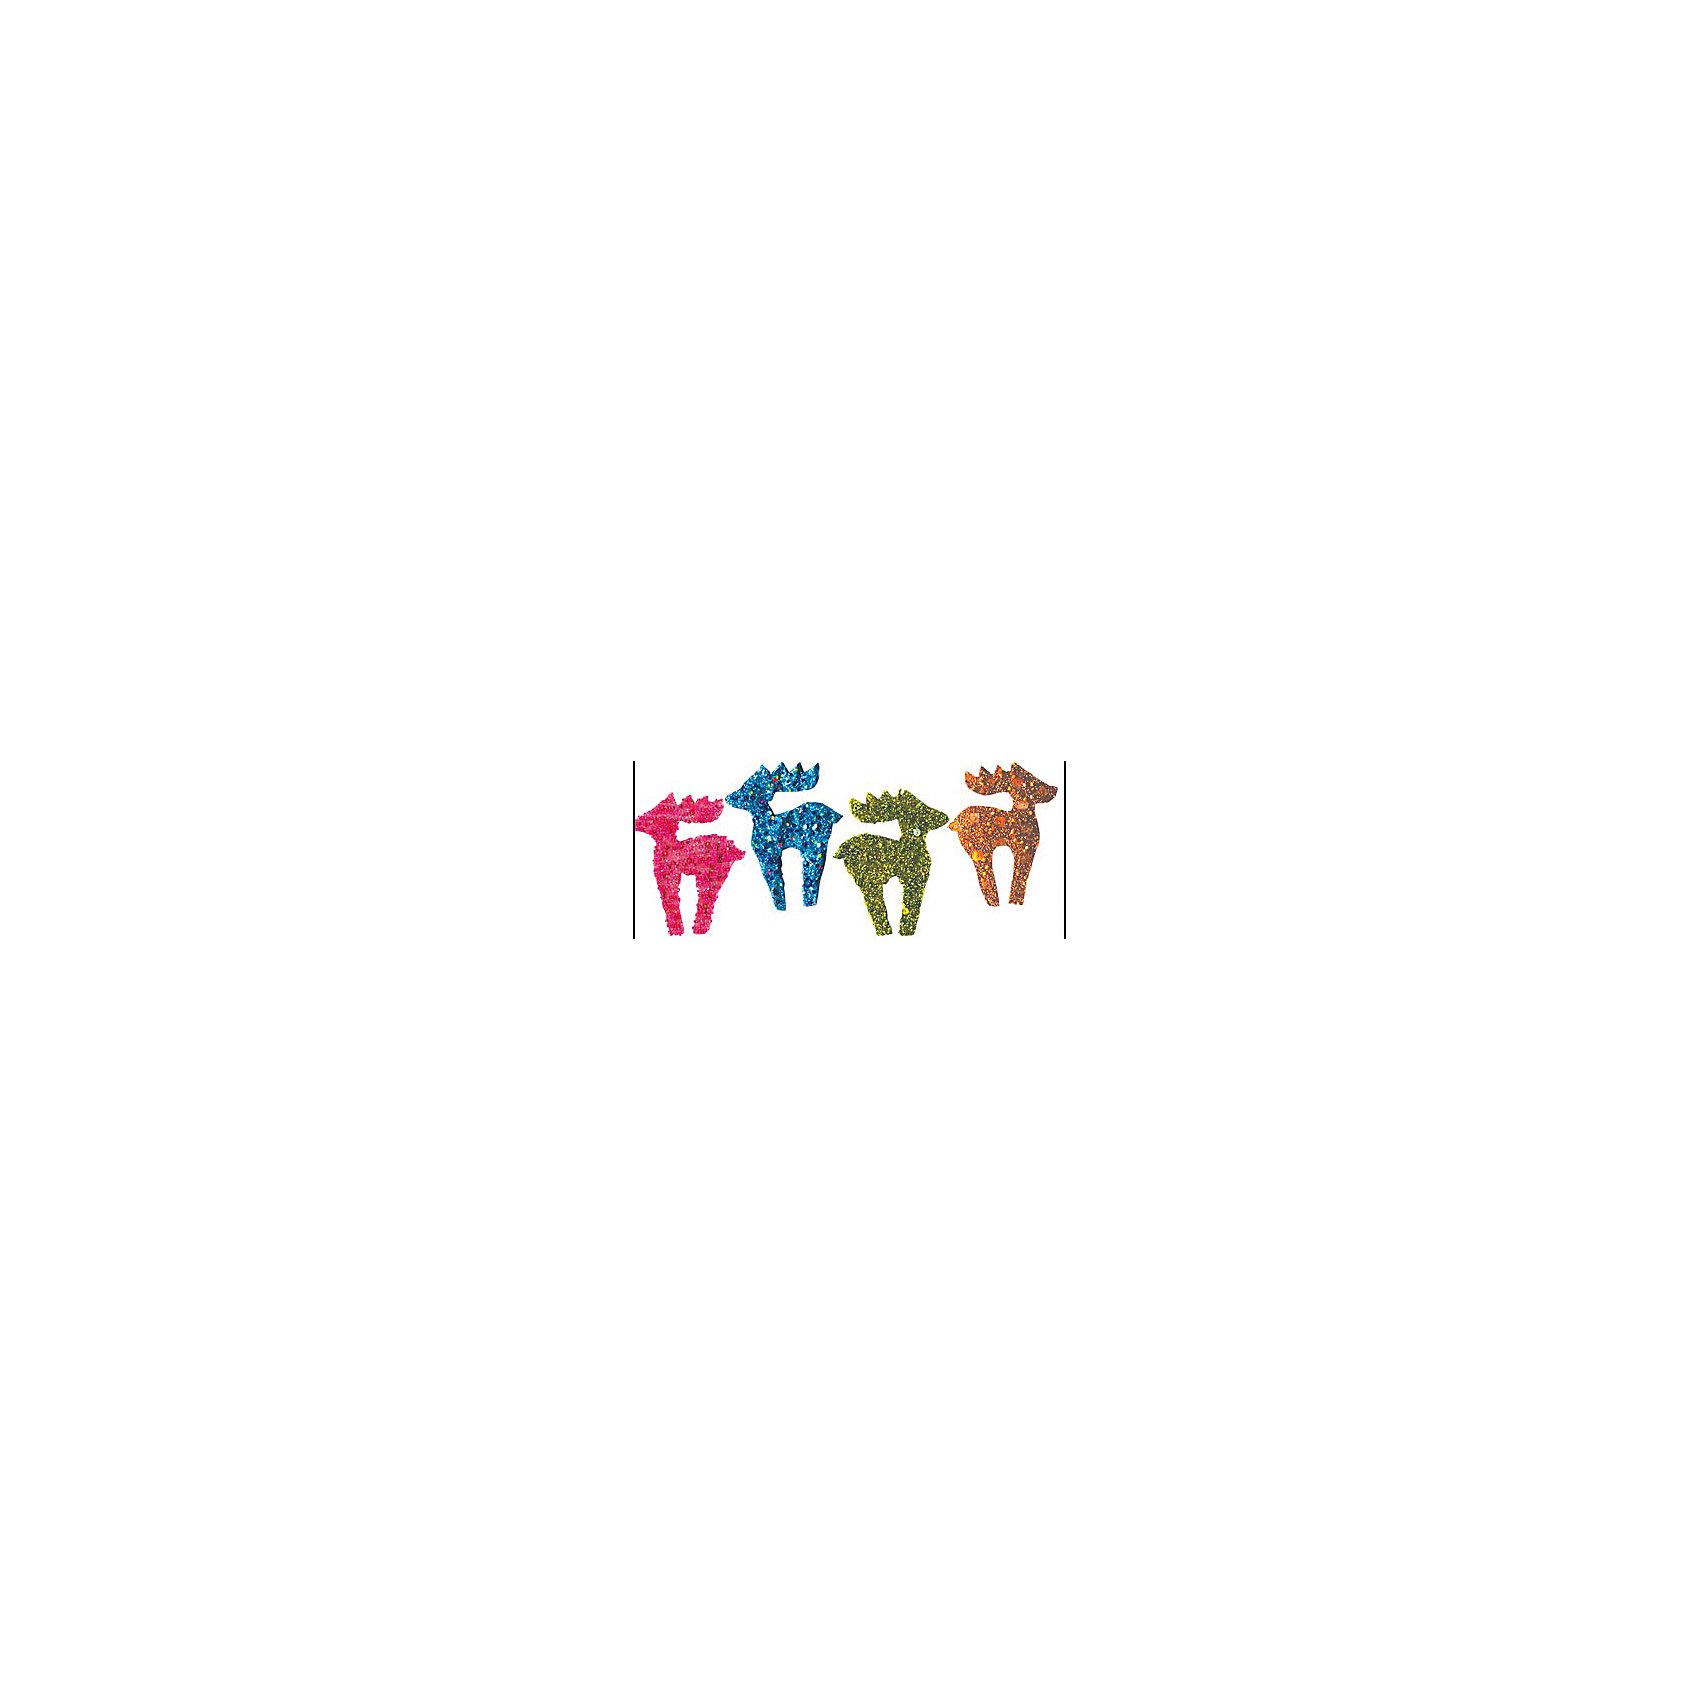 Marko Ferenzo Набор украшений Олененок 11 см, 4 шт marko ferenzo набор шаров русский 8 см 4 шт золото